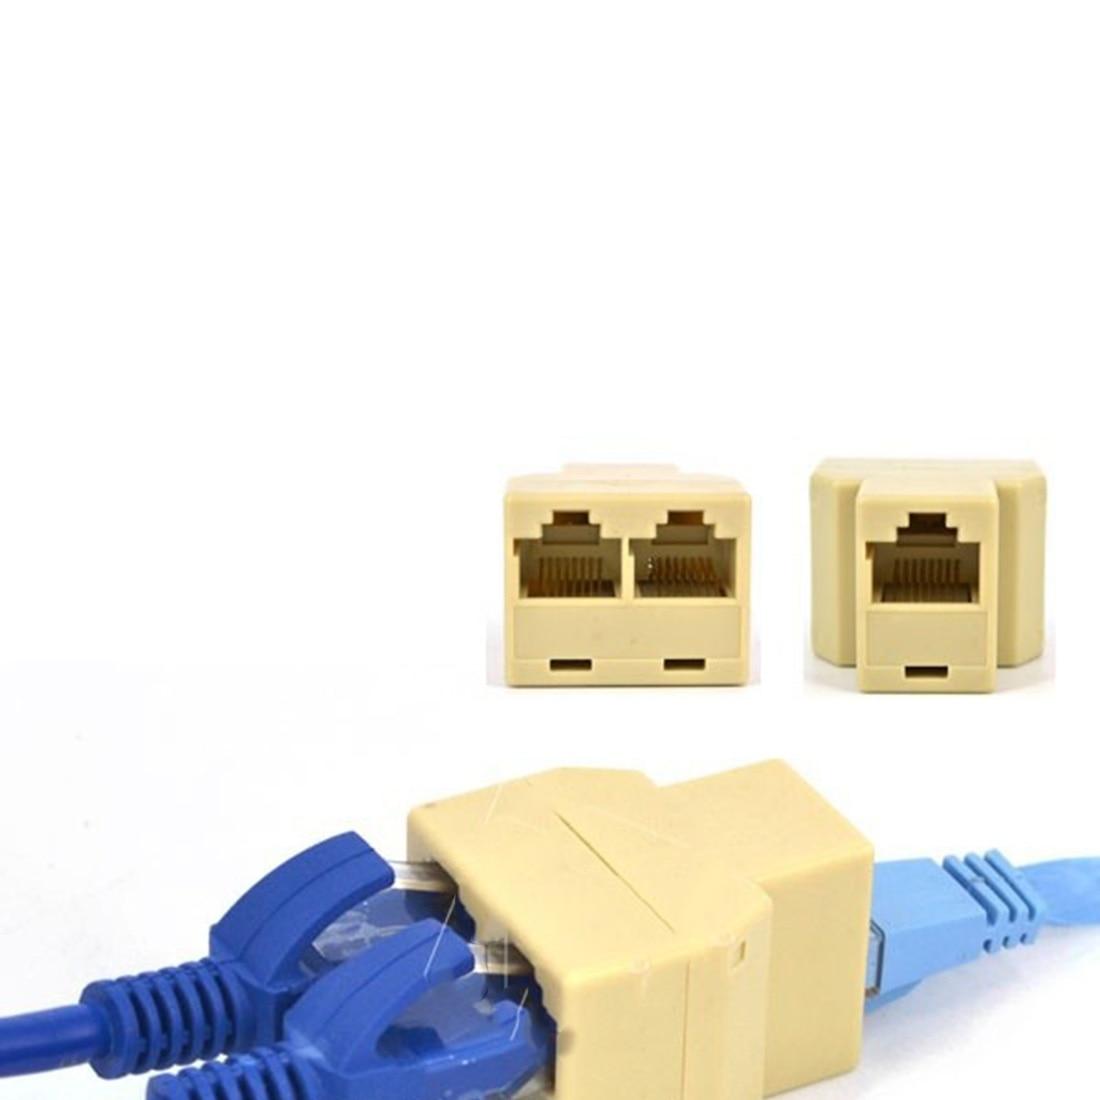 High RJ45 Ethernet Cable LAN Port 1 to 2 Socket Splitter RJ45 ...